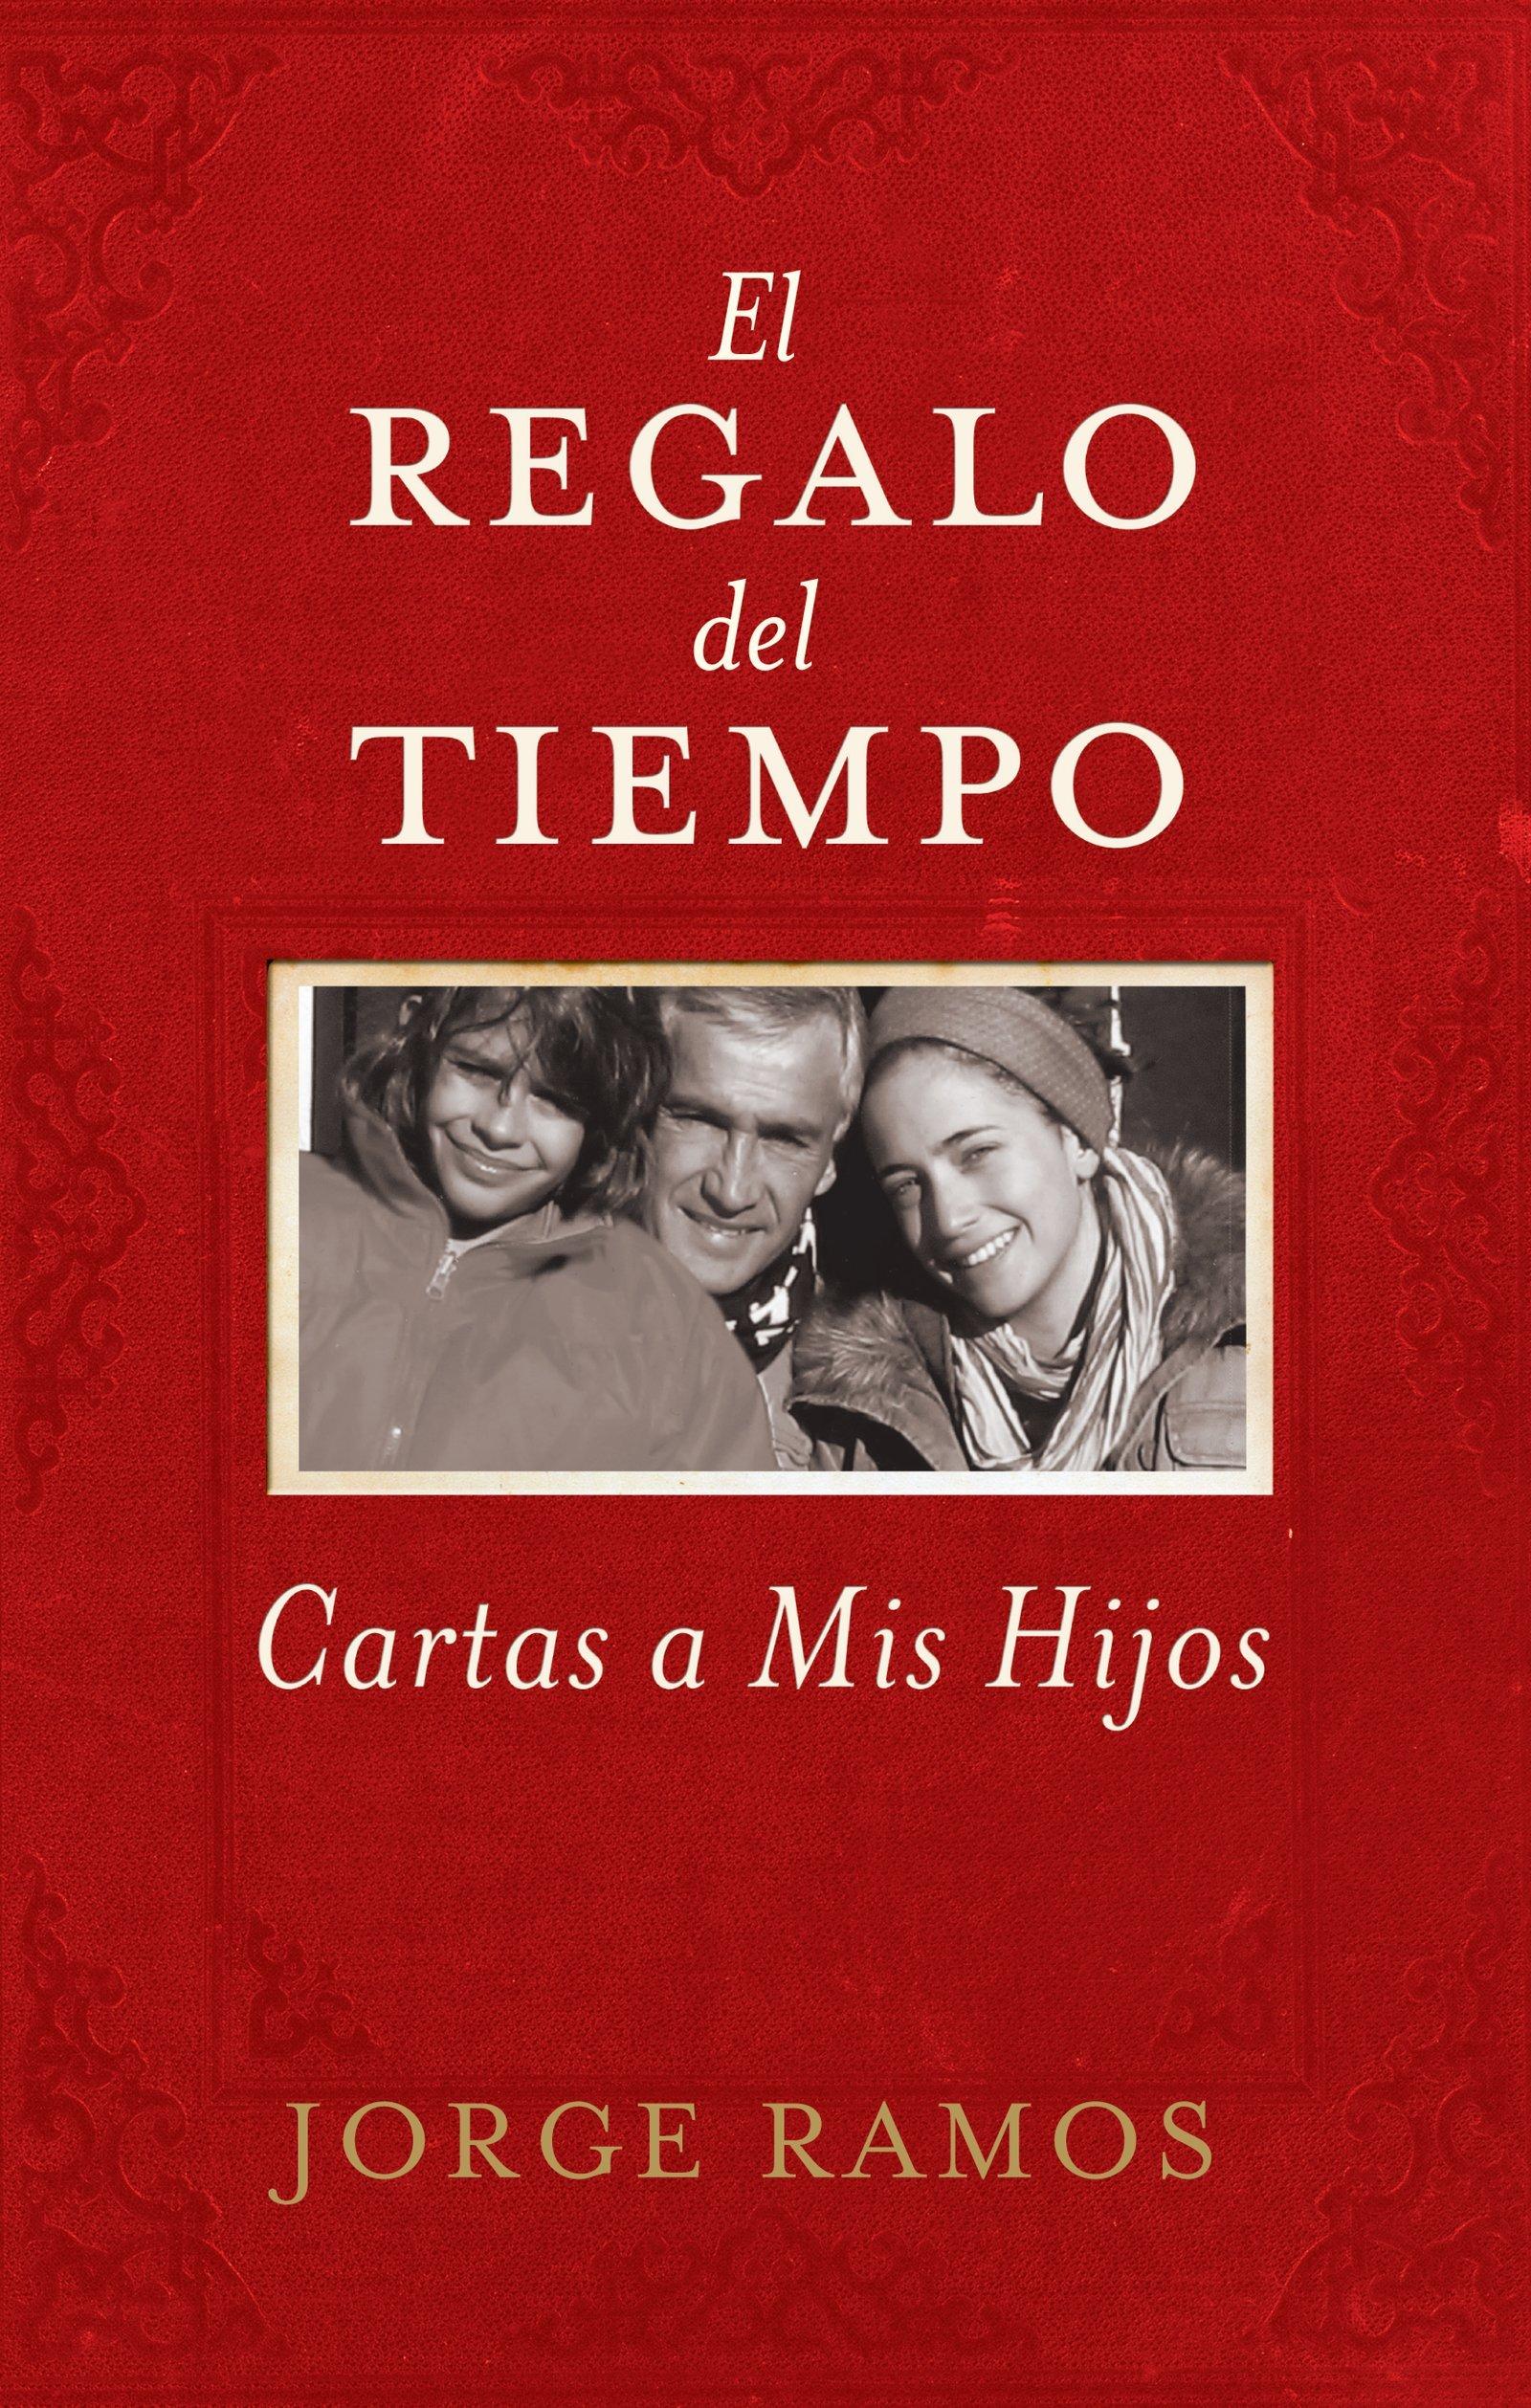 El Regalo del Tiempo: Cartas a mis hijos (Spanish Edition ...